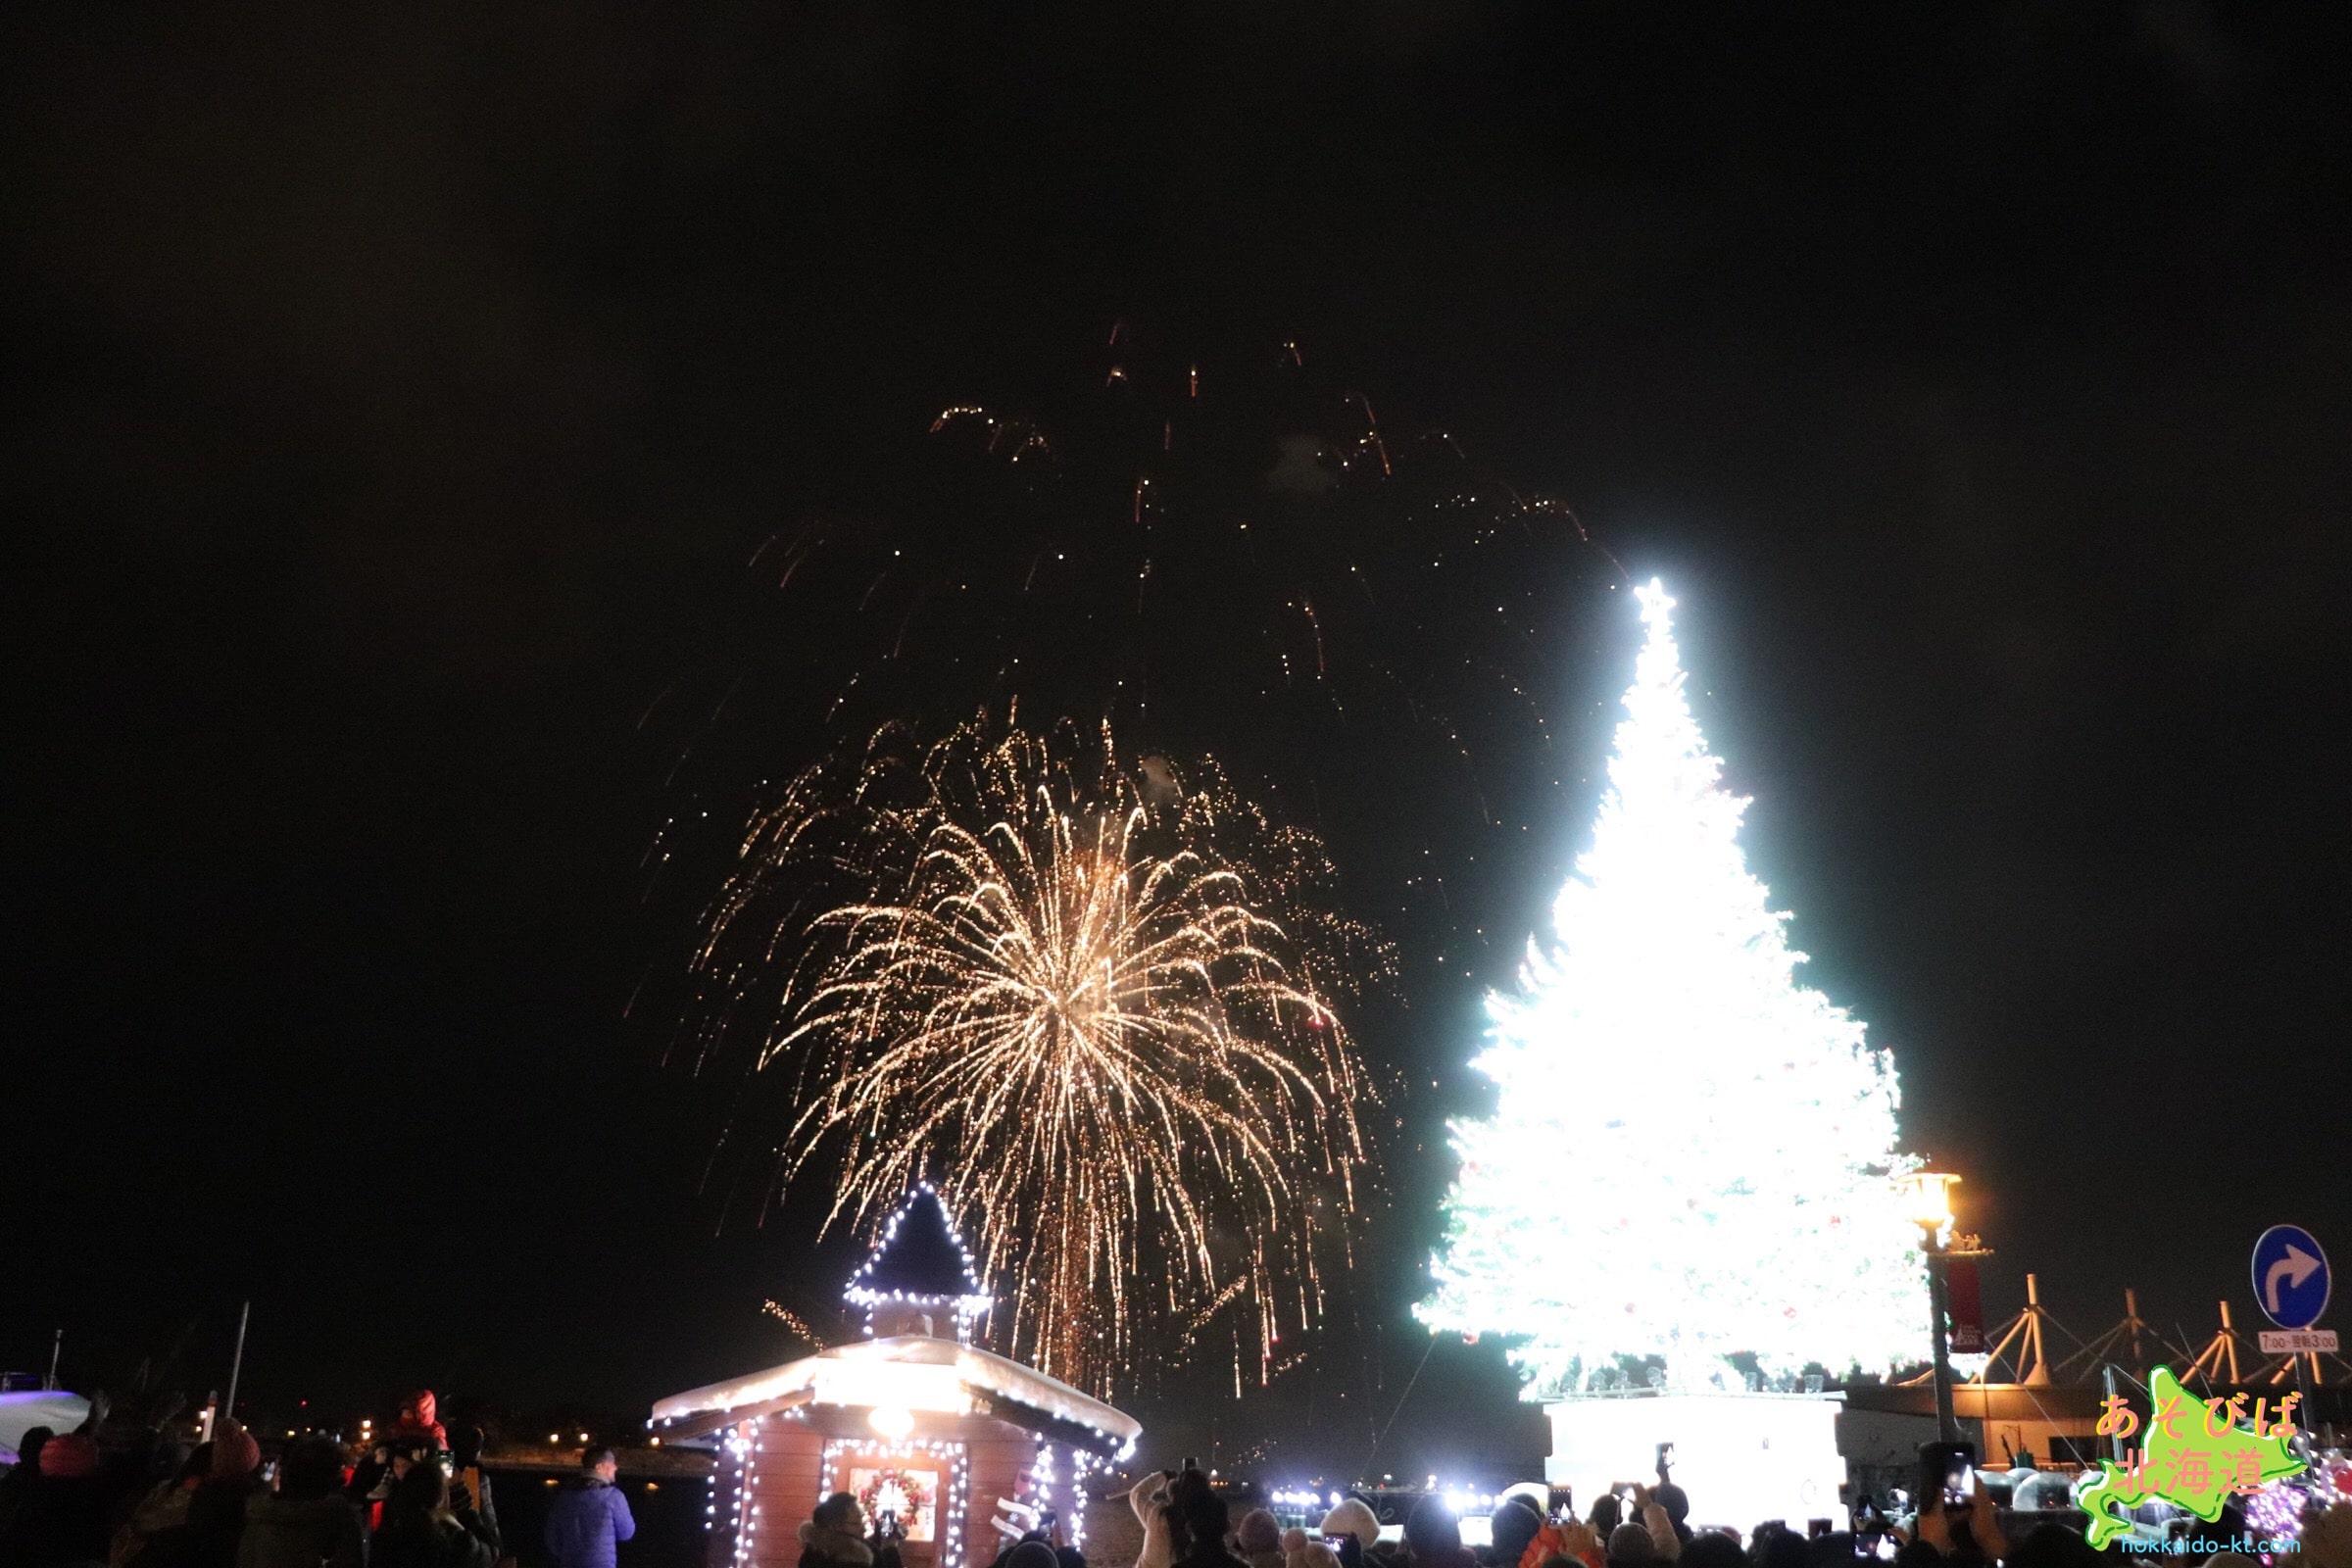 はkドアてクリスマスファンタジー花火